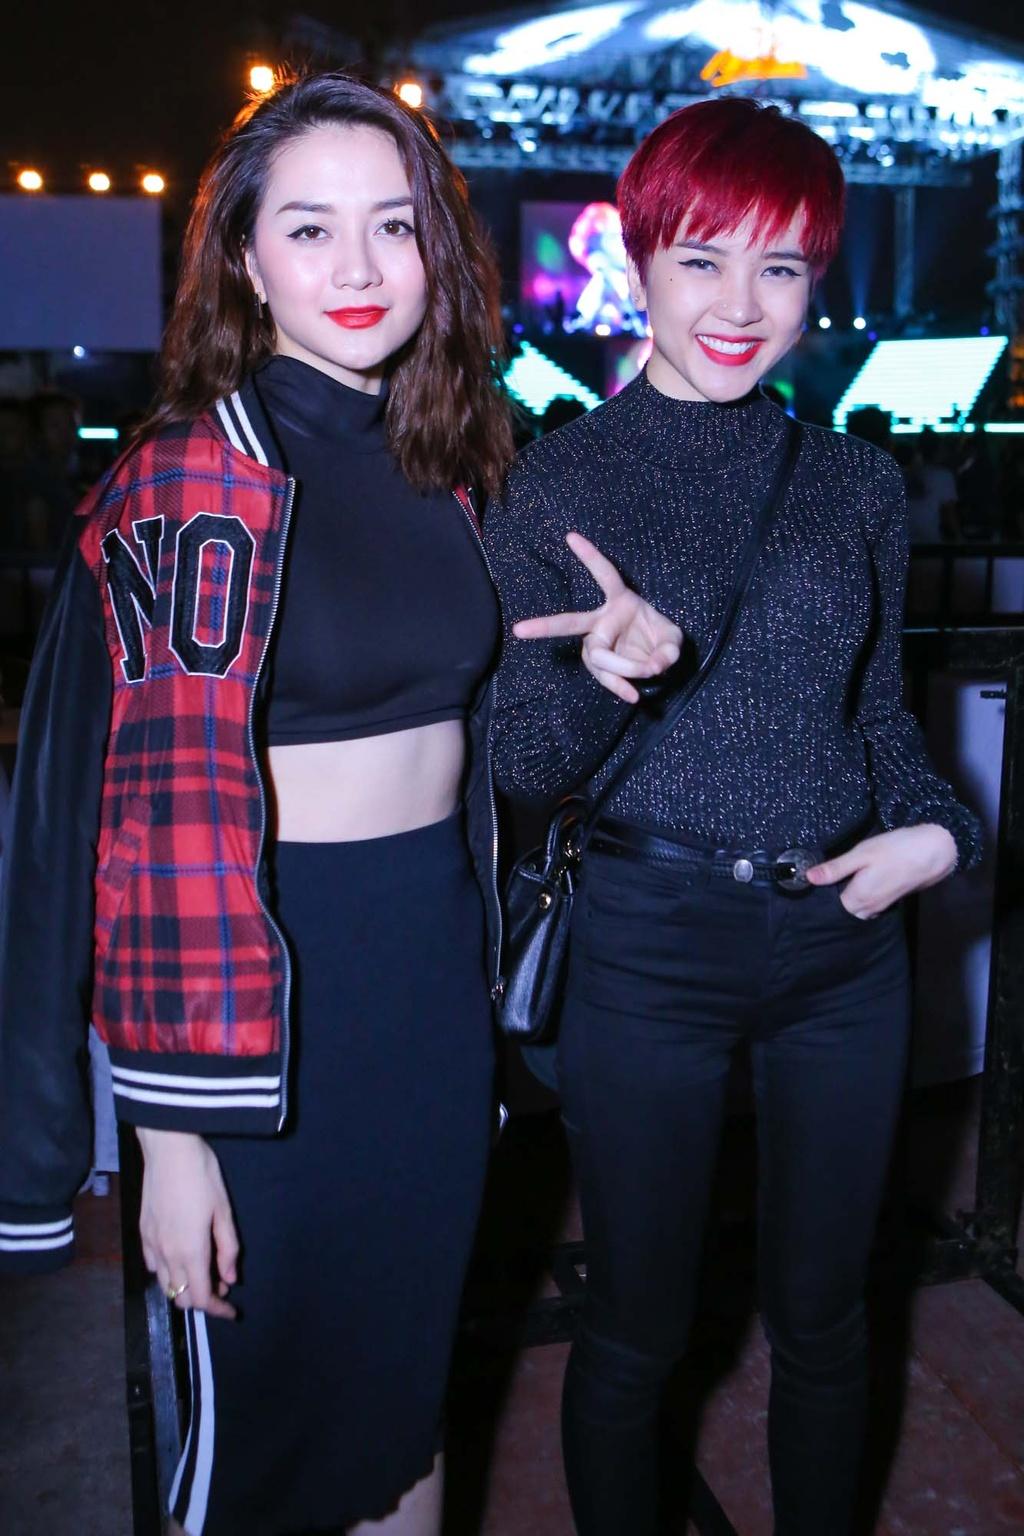 Thieu Bao Tram toi xem live show cua Son Tung hinh anh 2